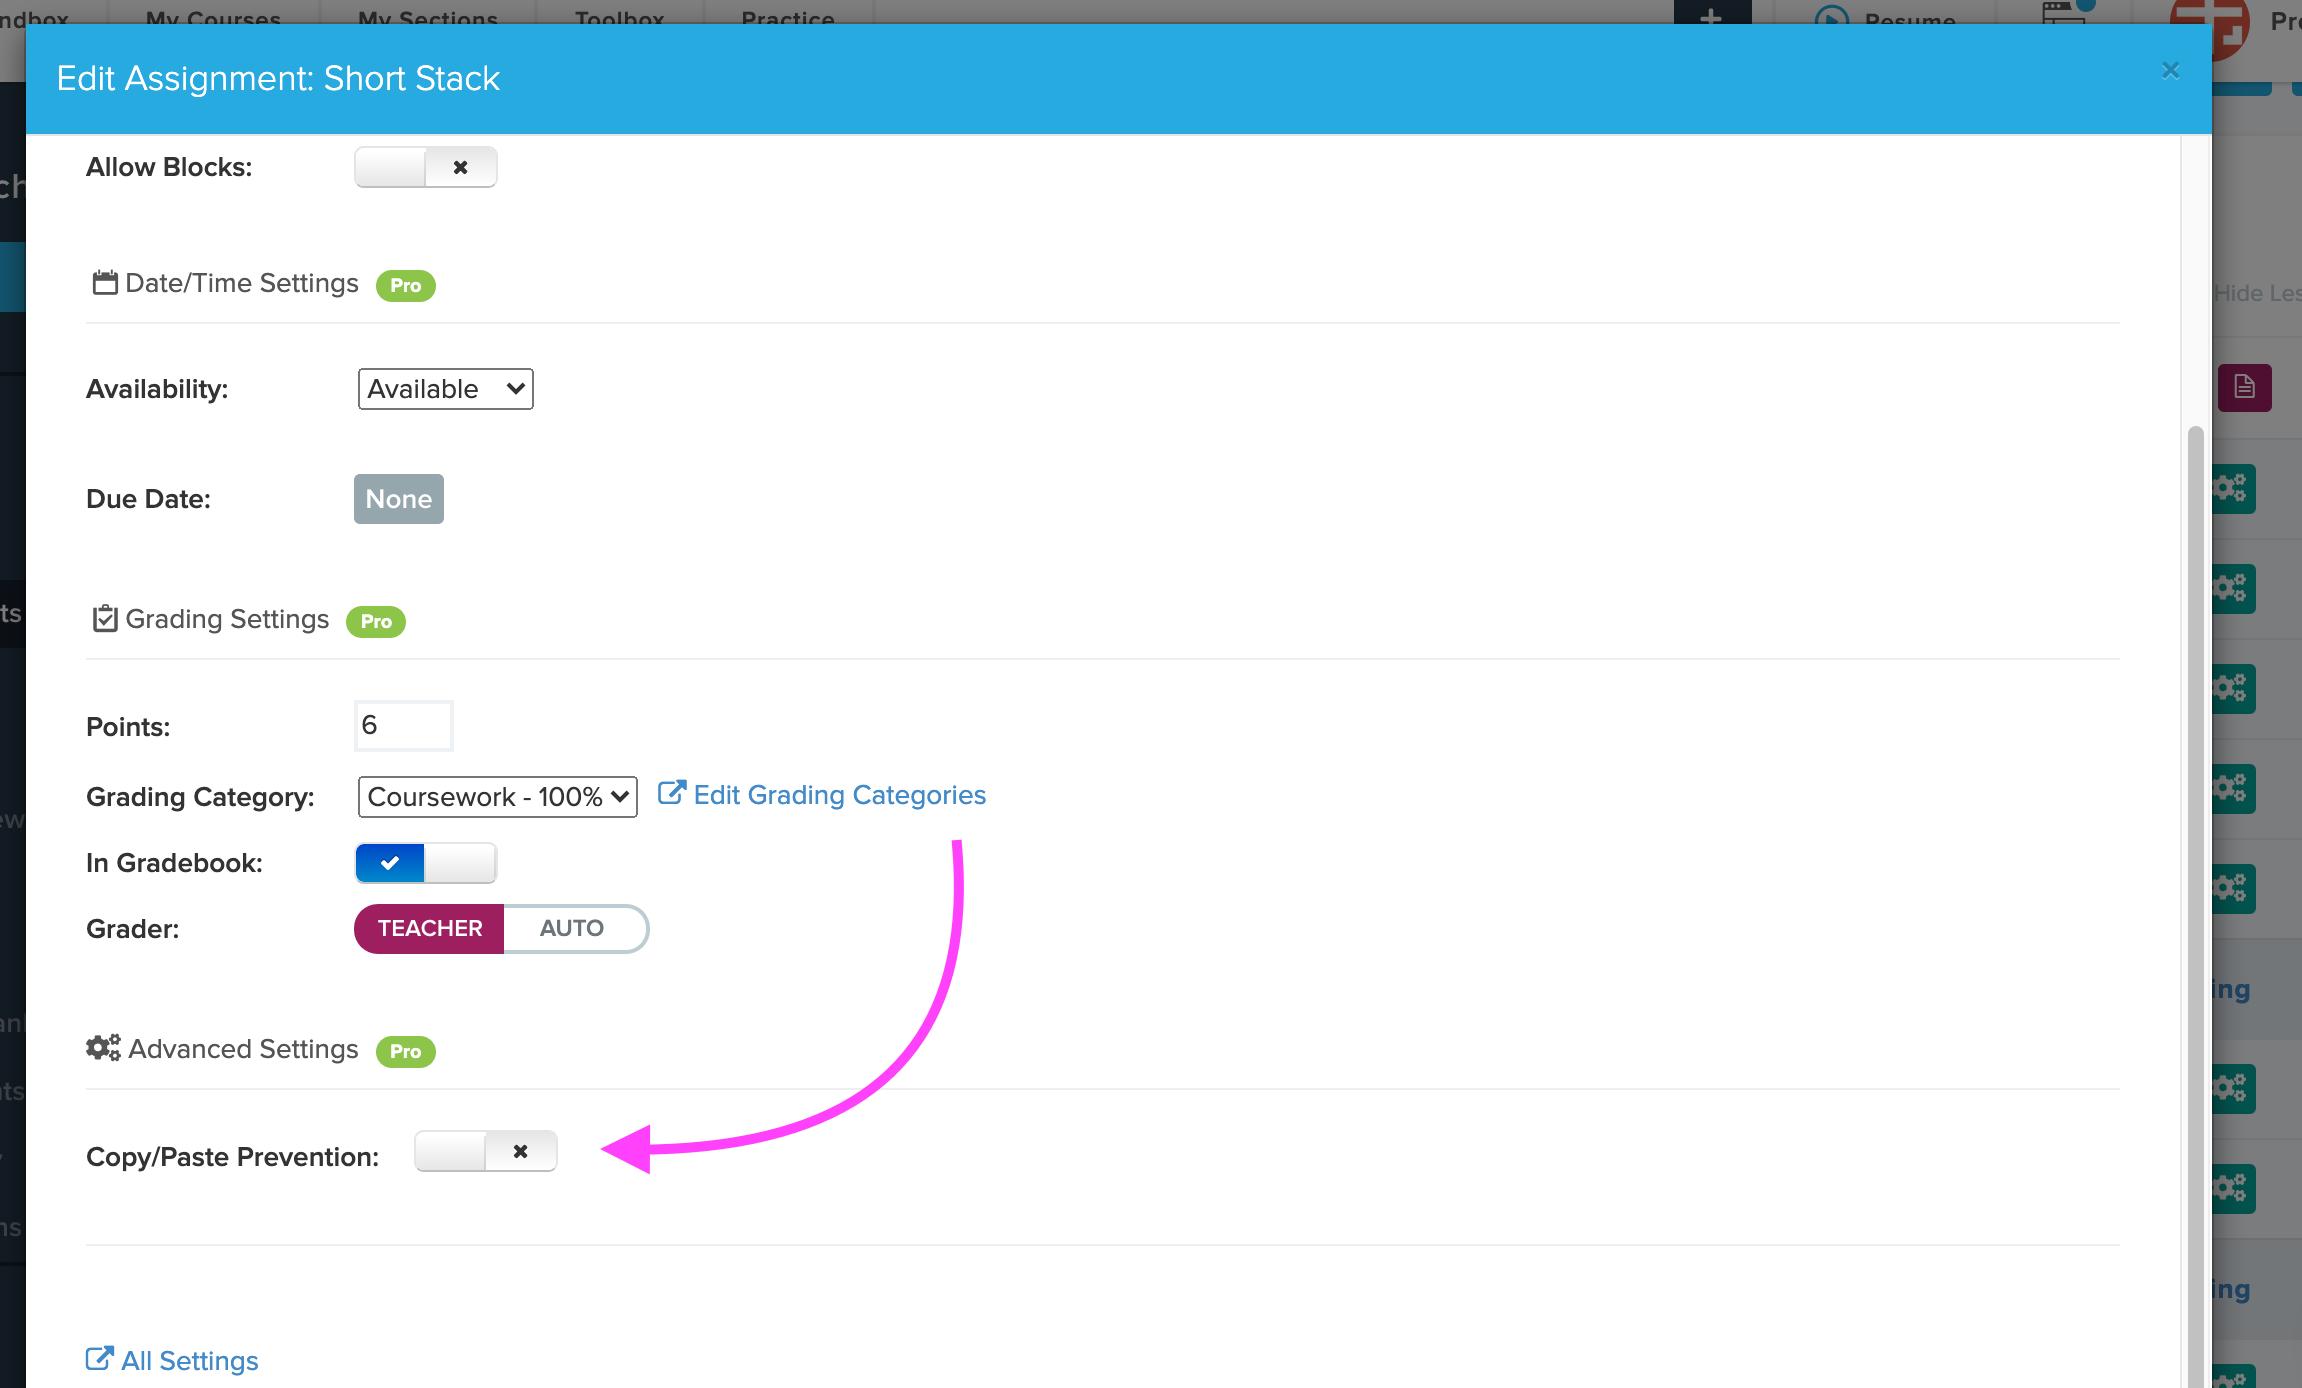 arrow points to copy/paste prevention setting on configure menu